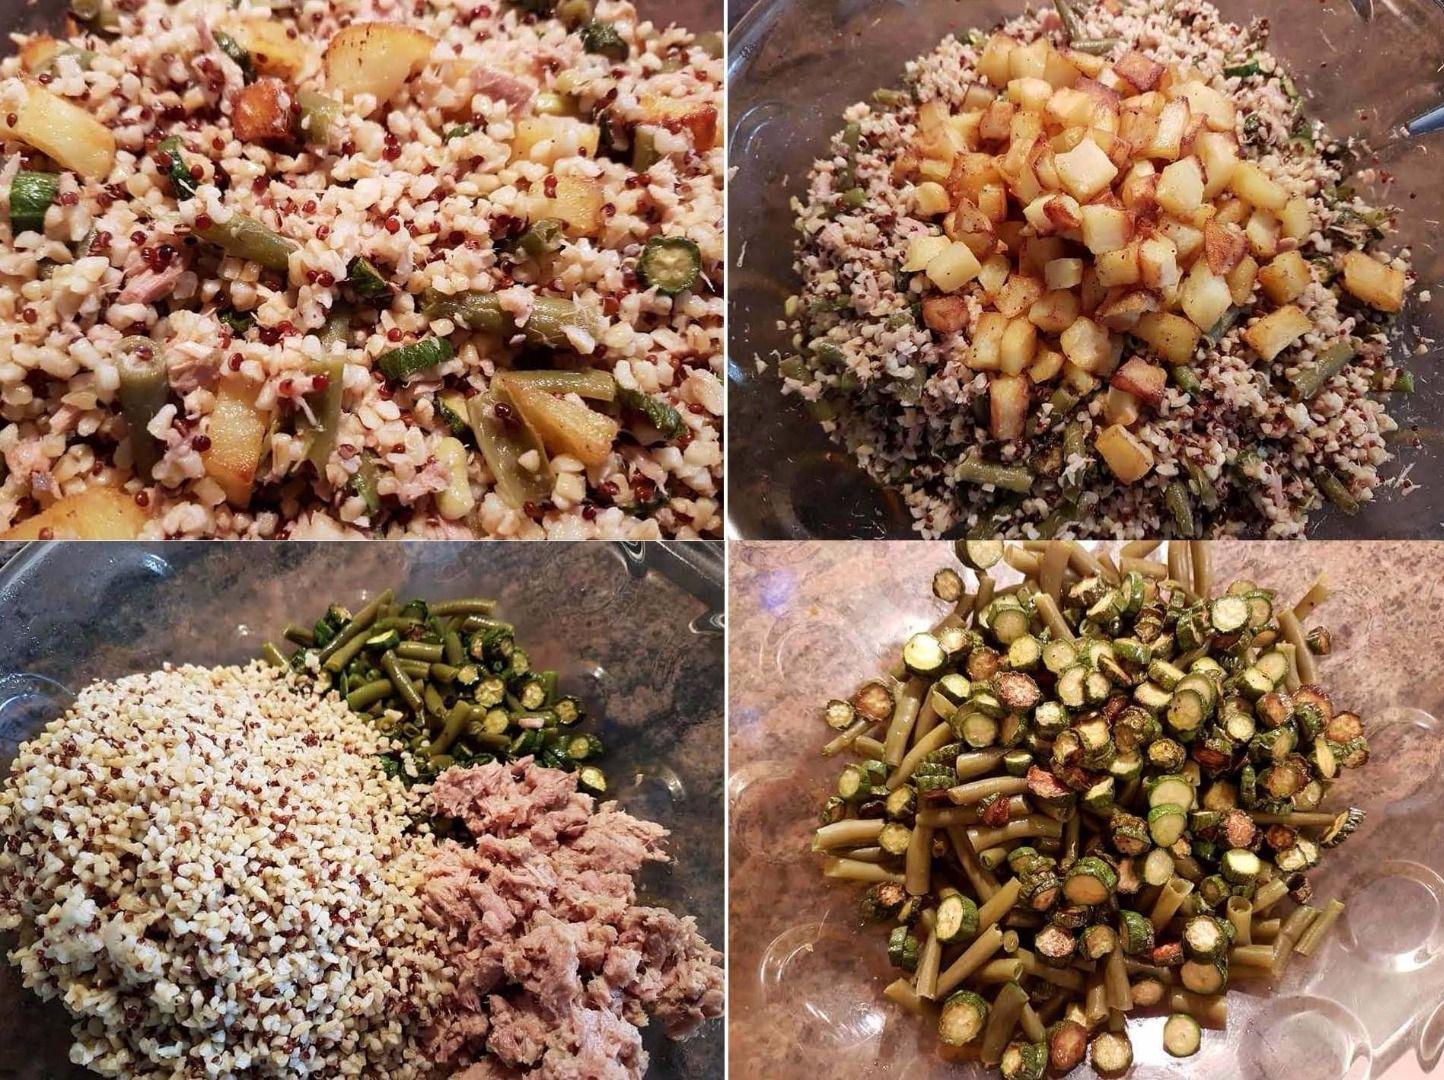 Ricetta Quinoa E Bulgur.Ricetta Insalata Di Quinoa E Bulgur Con Verdurine E Tonno Dolcidee